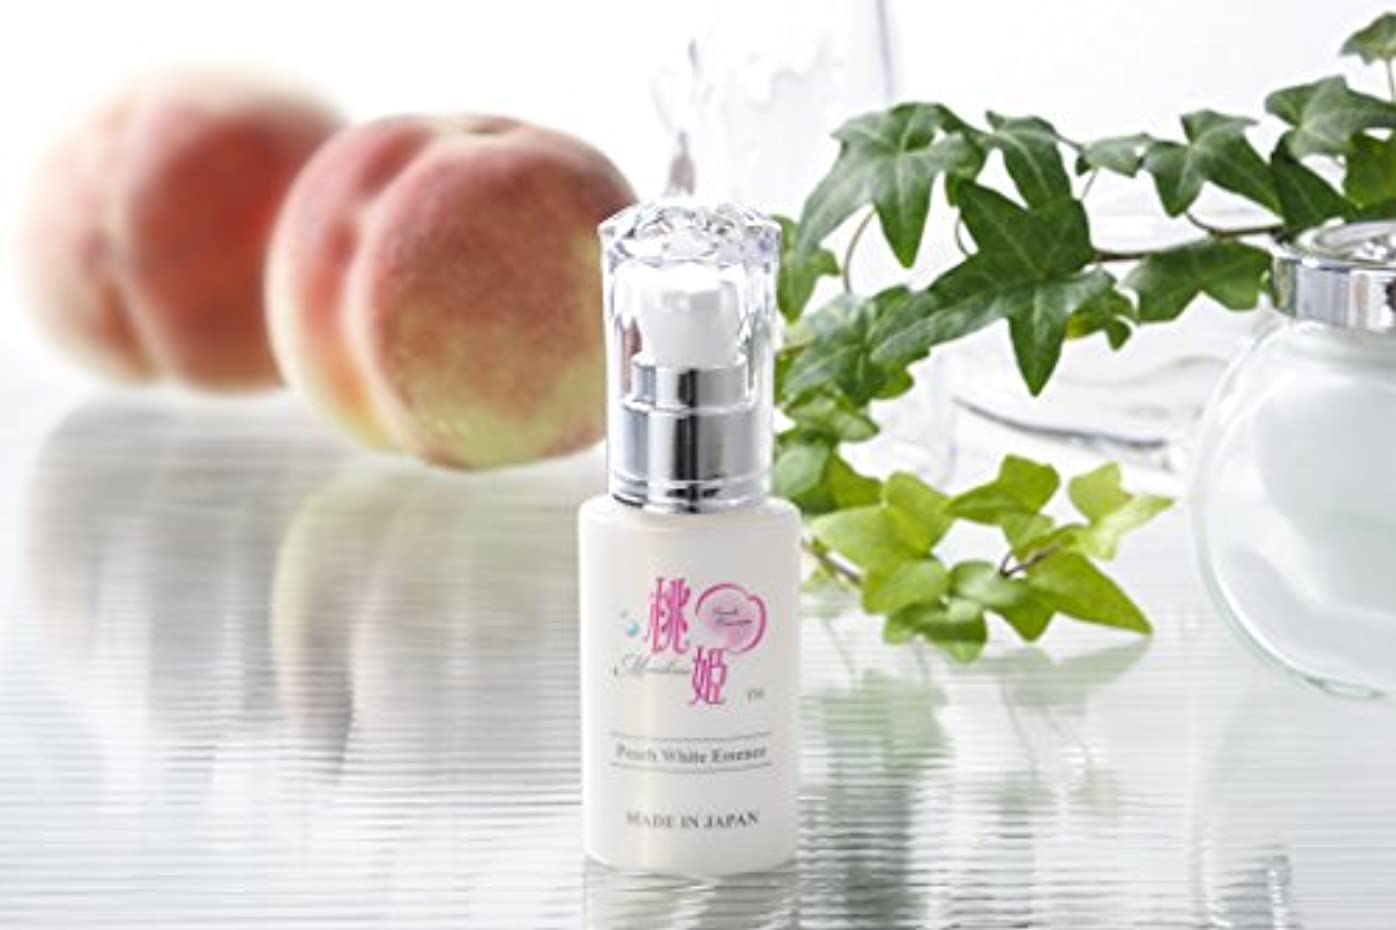 カナダヒゲクジラ知覚的ピーチホワイトエッセンス(ハラール認証) Peach White Essence (Halal-Certified)